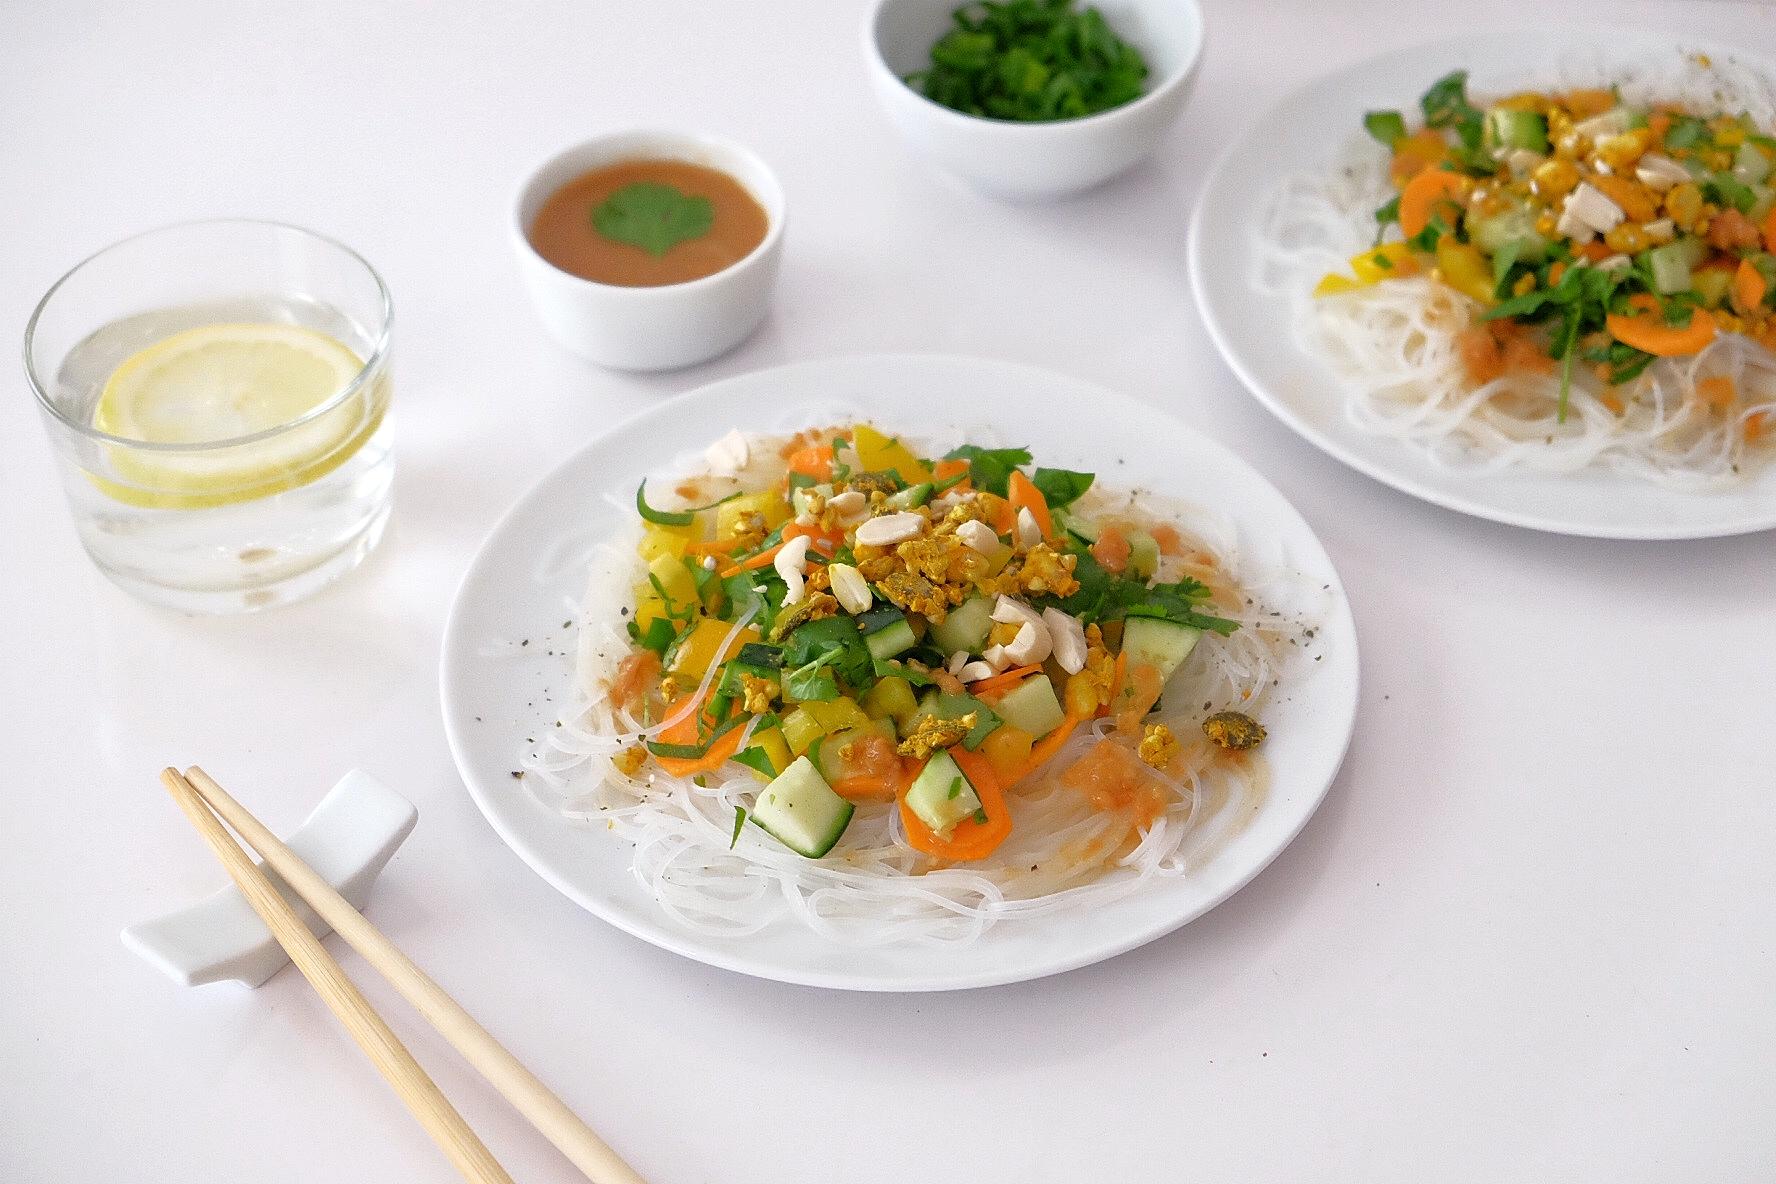 Salade de nouilles de riz aux légumes crus et sa sauce cacahuètes